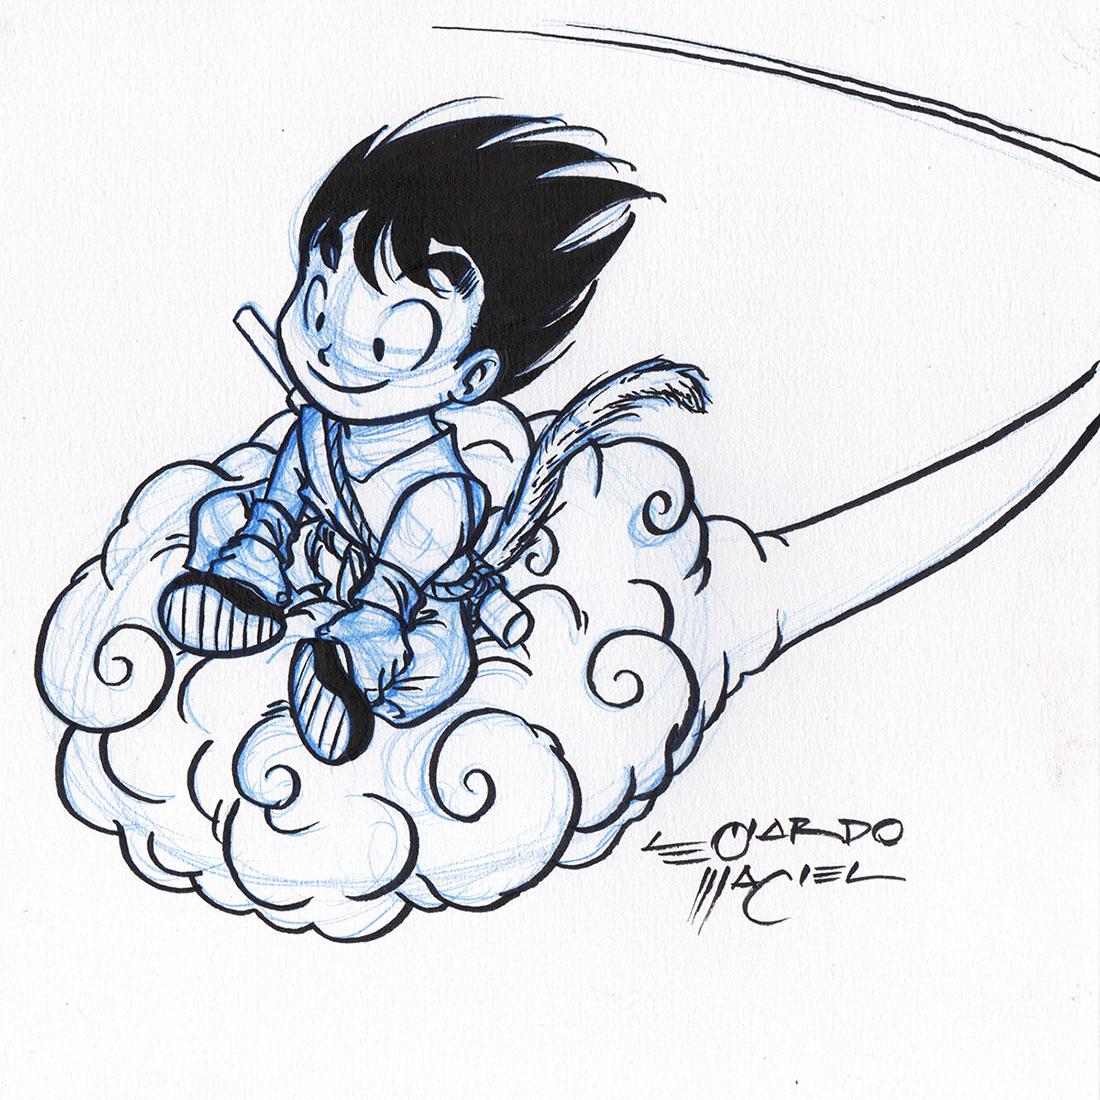 dragon ball, son goku, leonardo maciel